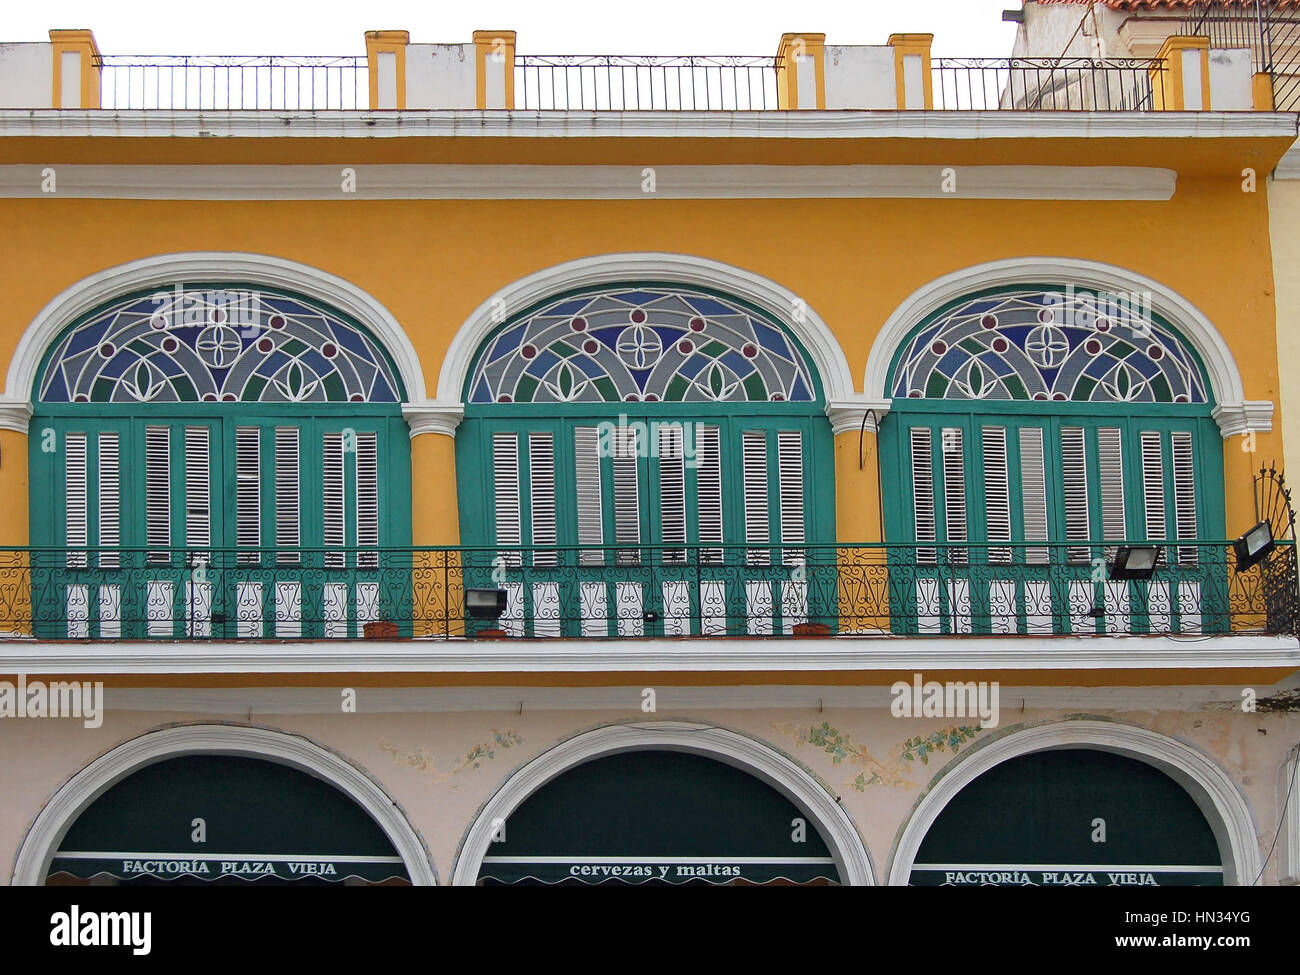 Scenes in Plaza Vieja, Havana - Stock Image